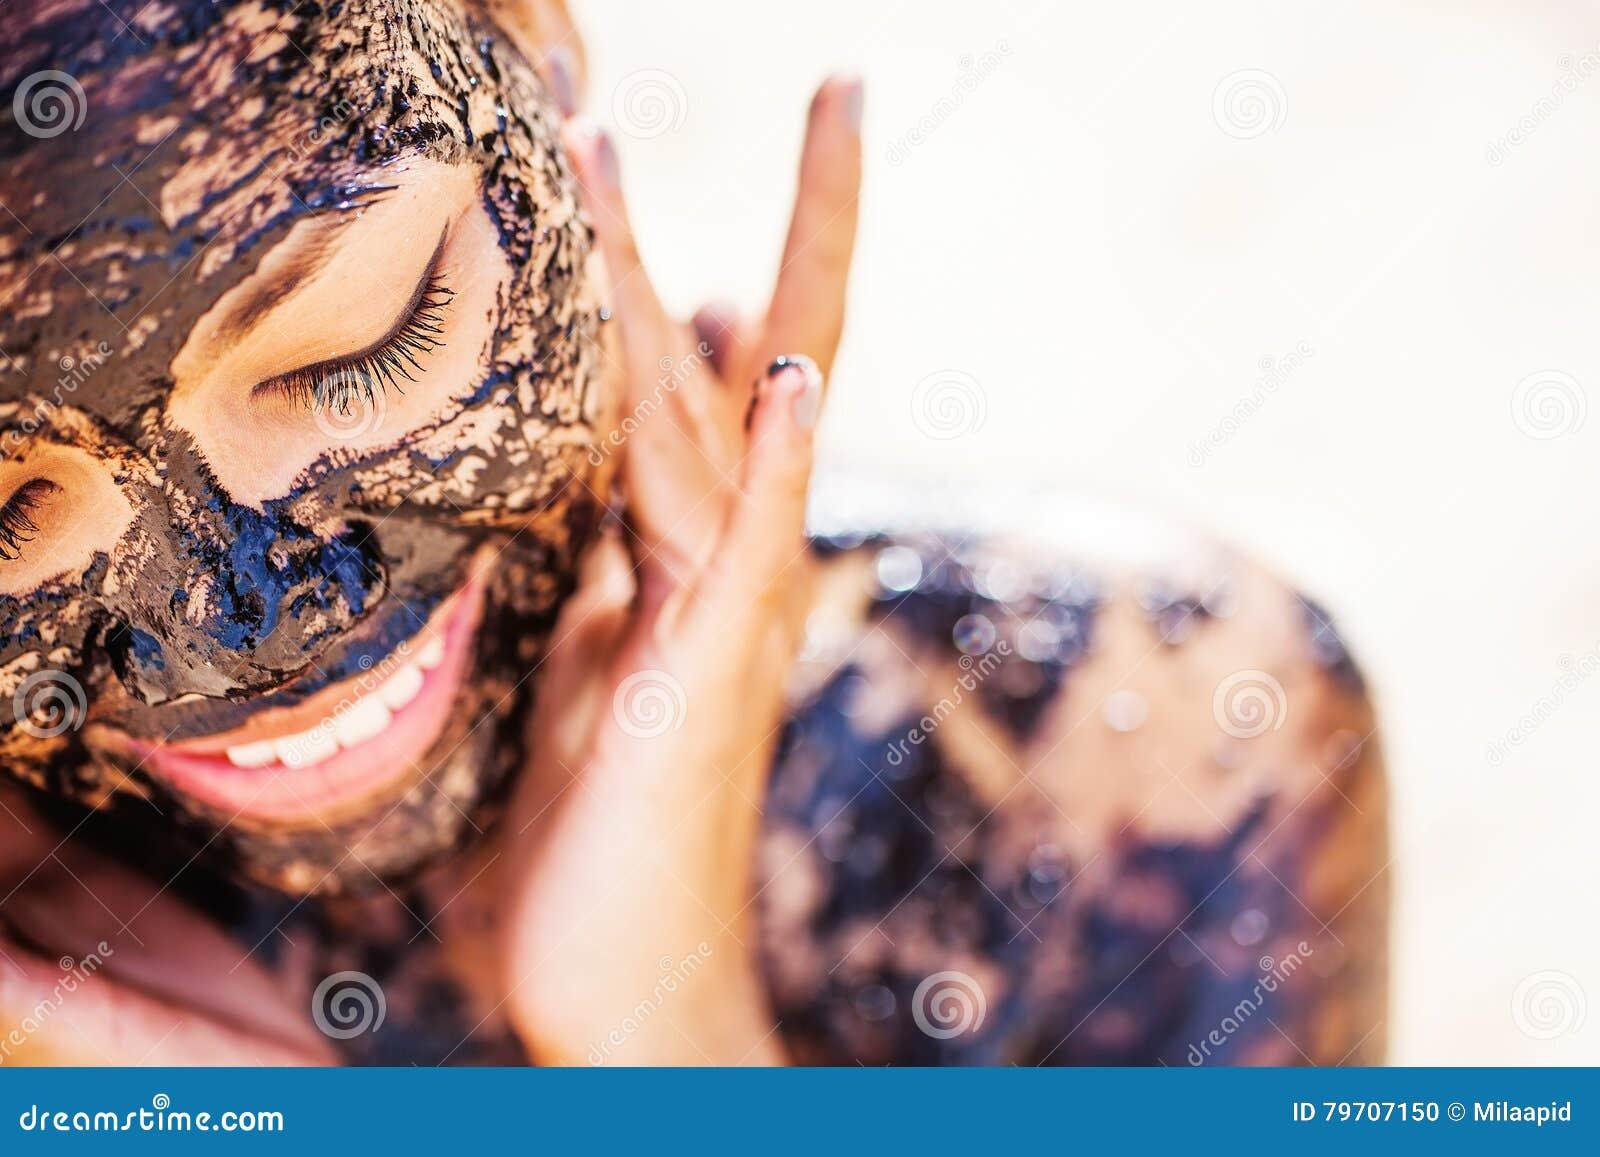 Ασιατικό κορίτσι που εφαρμόζει τη μάσκα προσώπου σοκολάτας